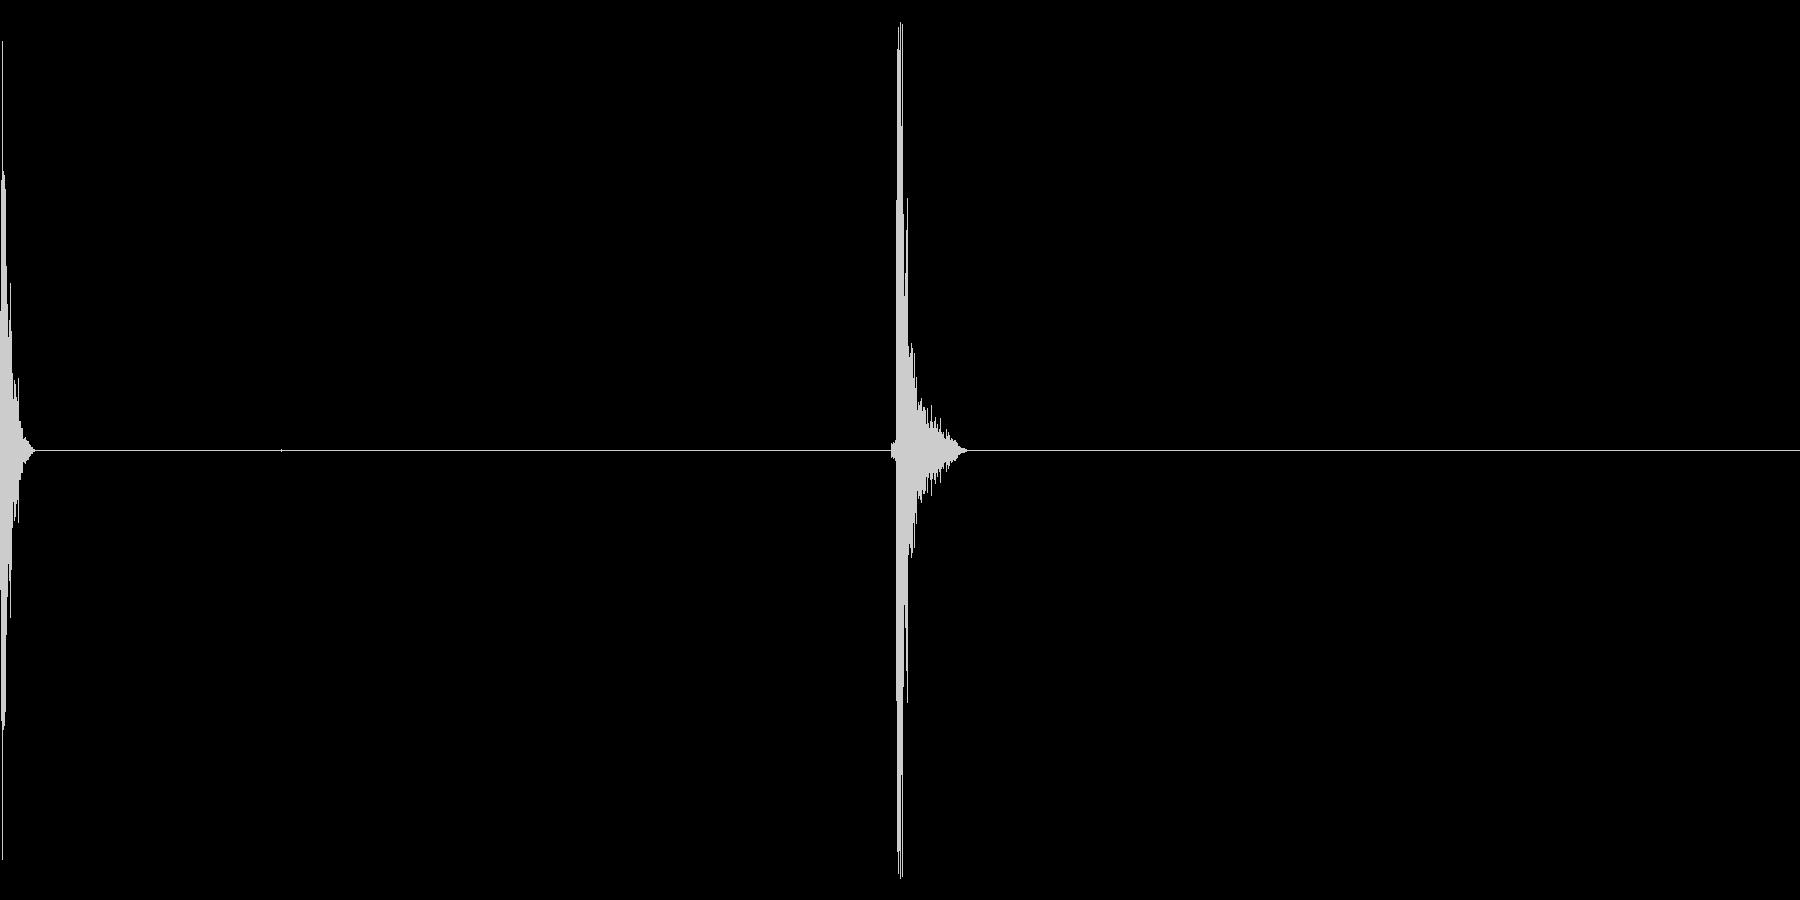 時計、タイマー、ストップウォッチ_D_2の未再生の波形